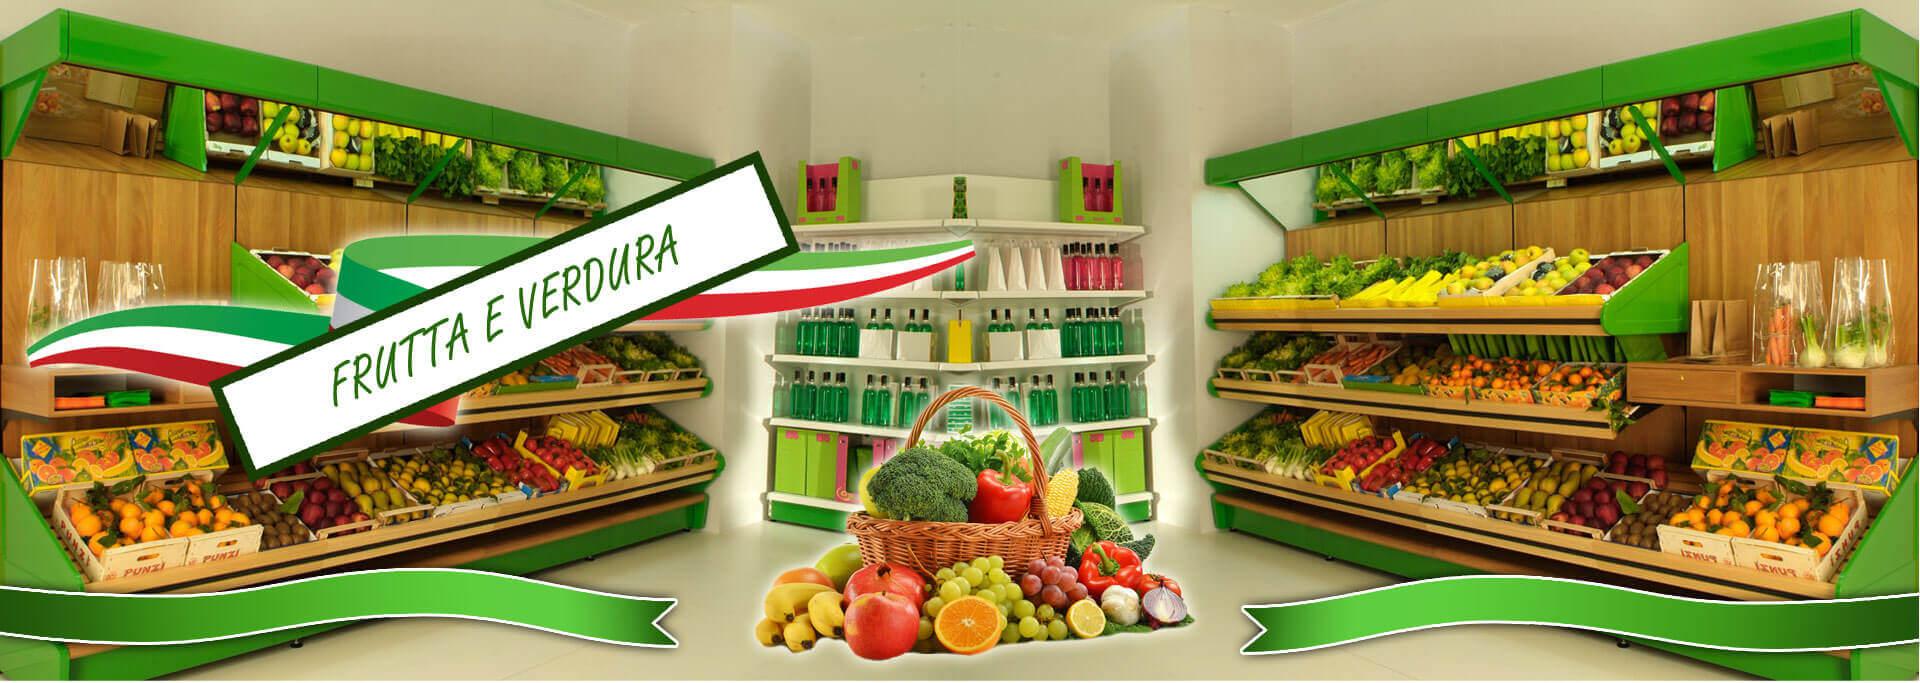 arredamenti per negozi di frutta e verdura alimentari in